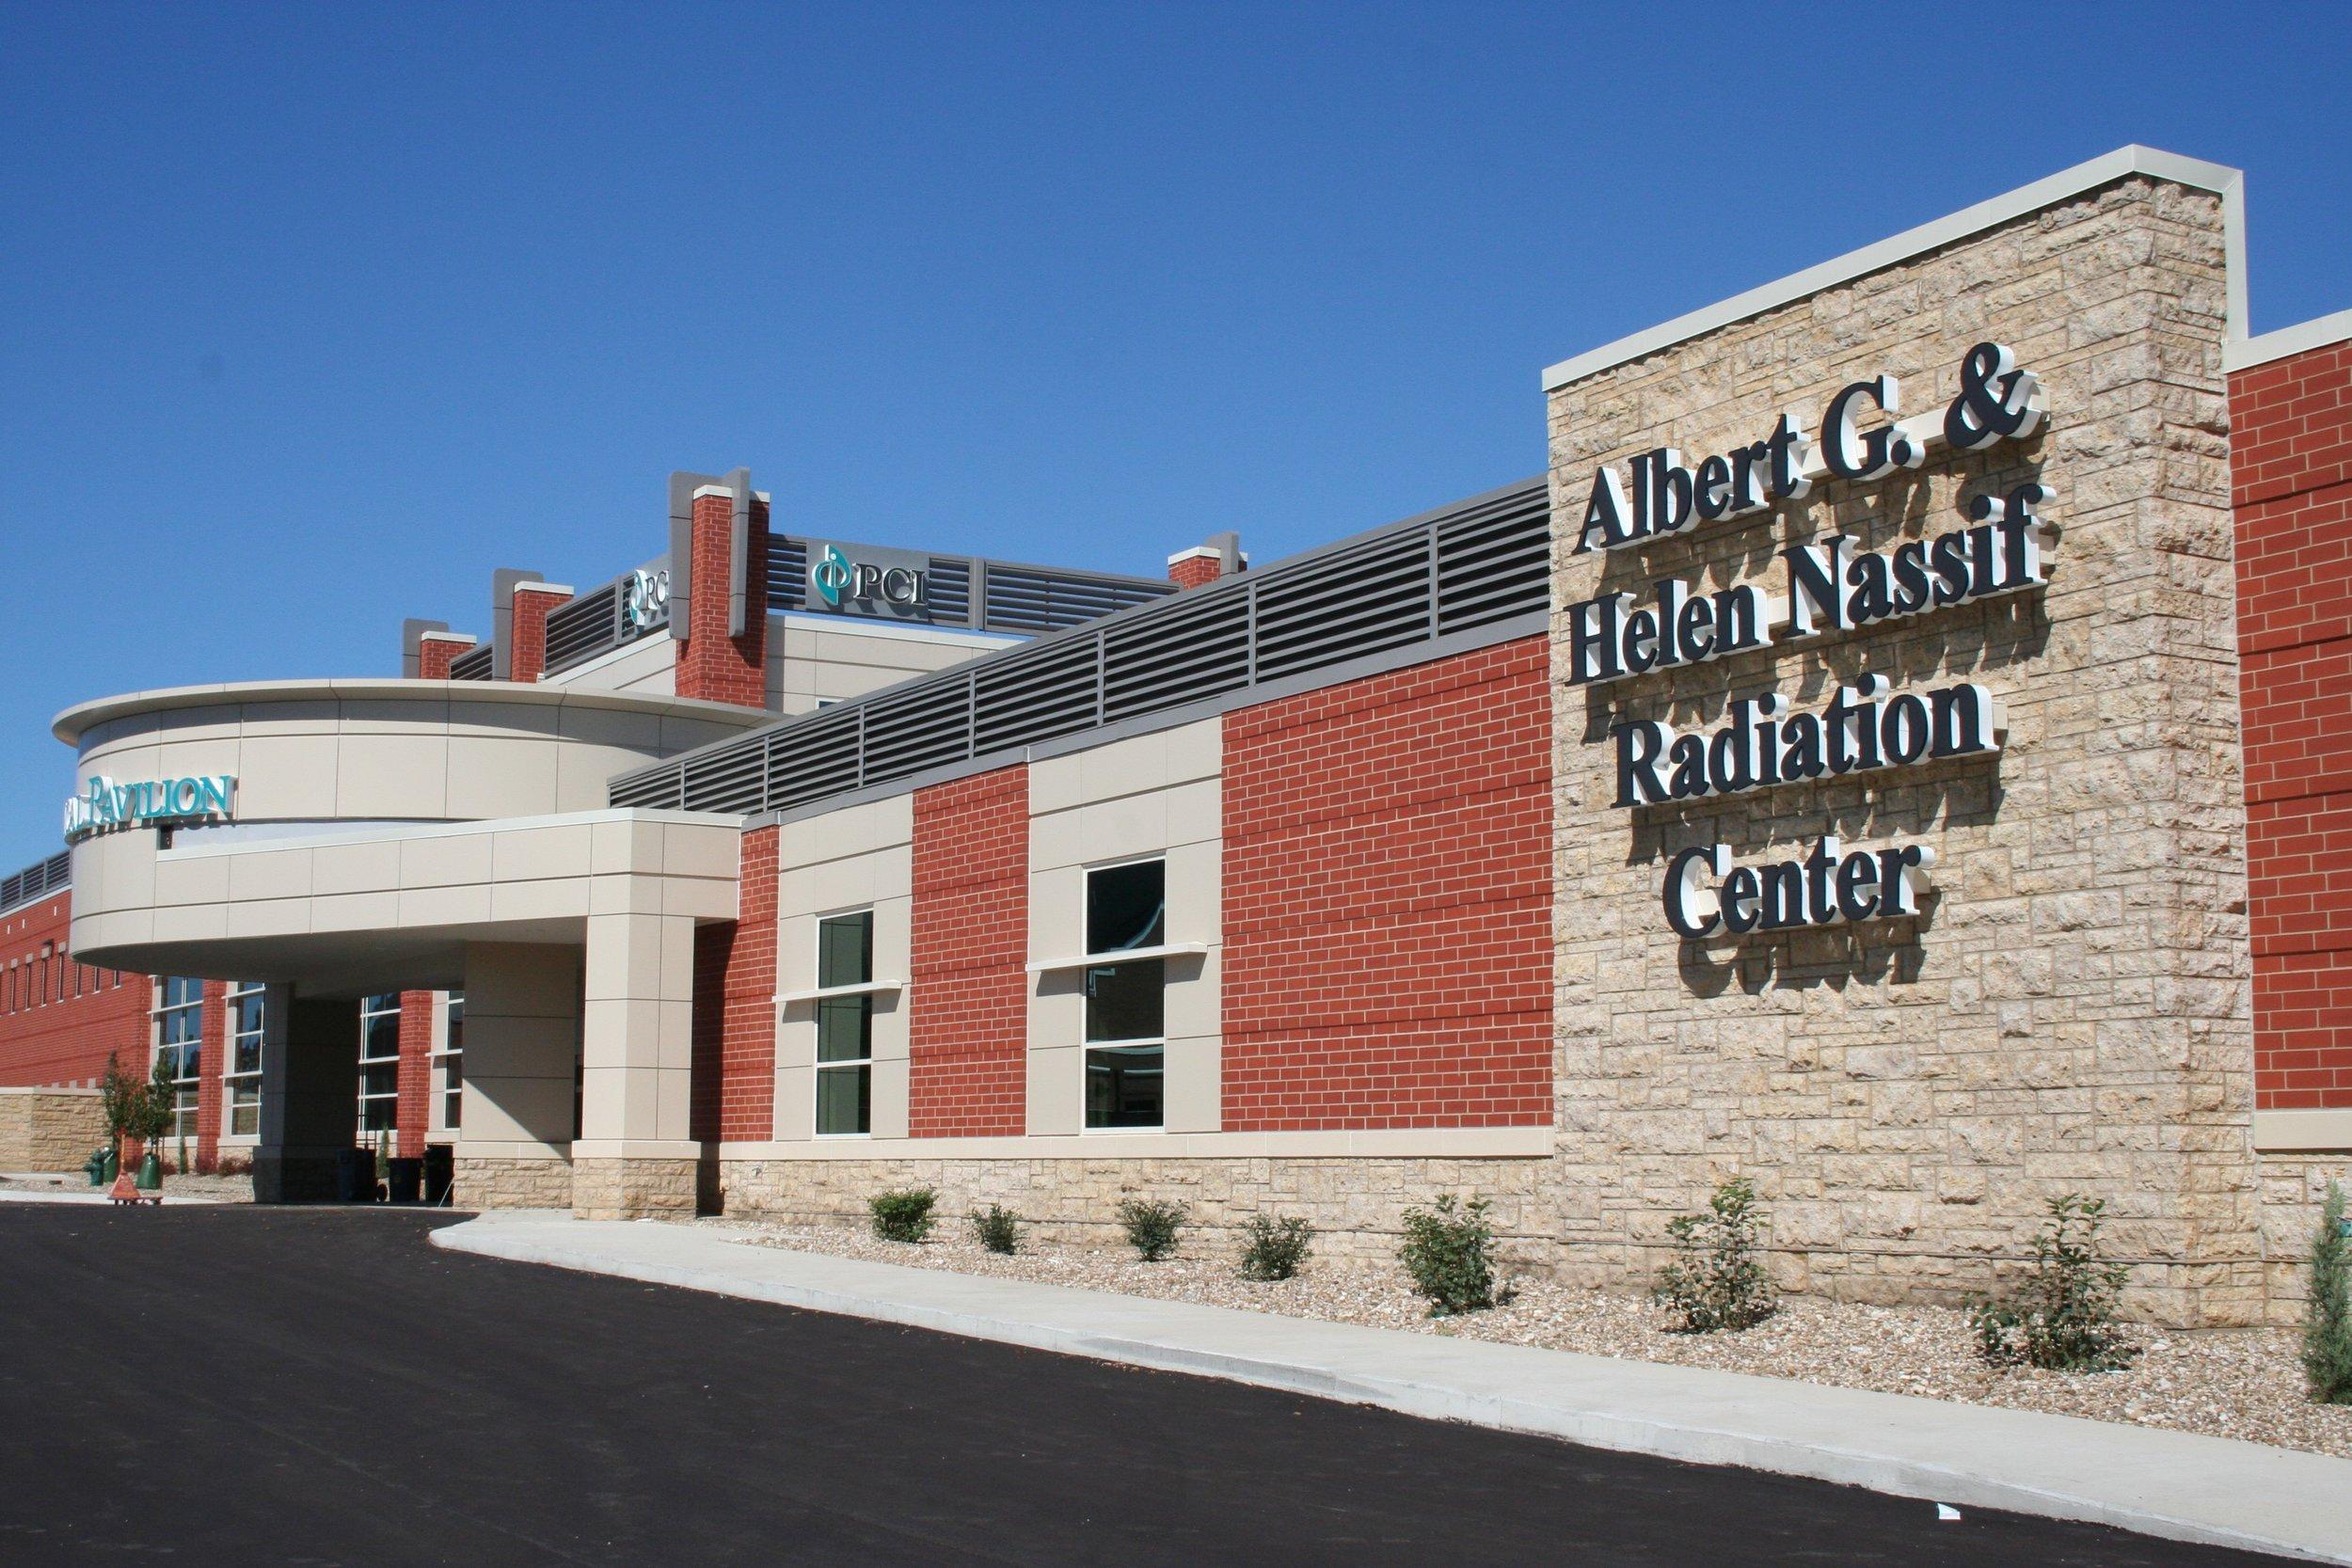 Albert G. and Helen Nassif Radiation Center.jpg